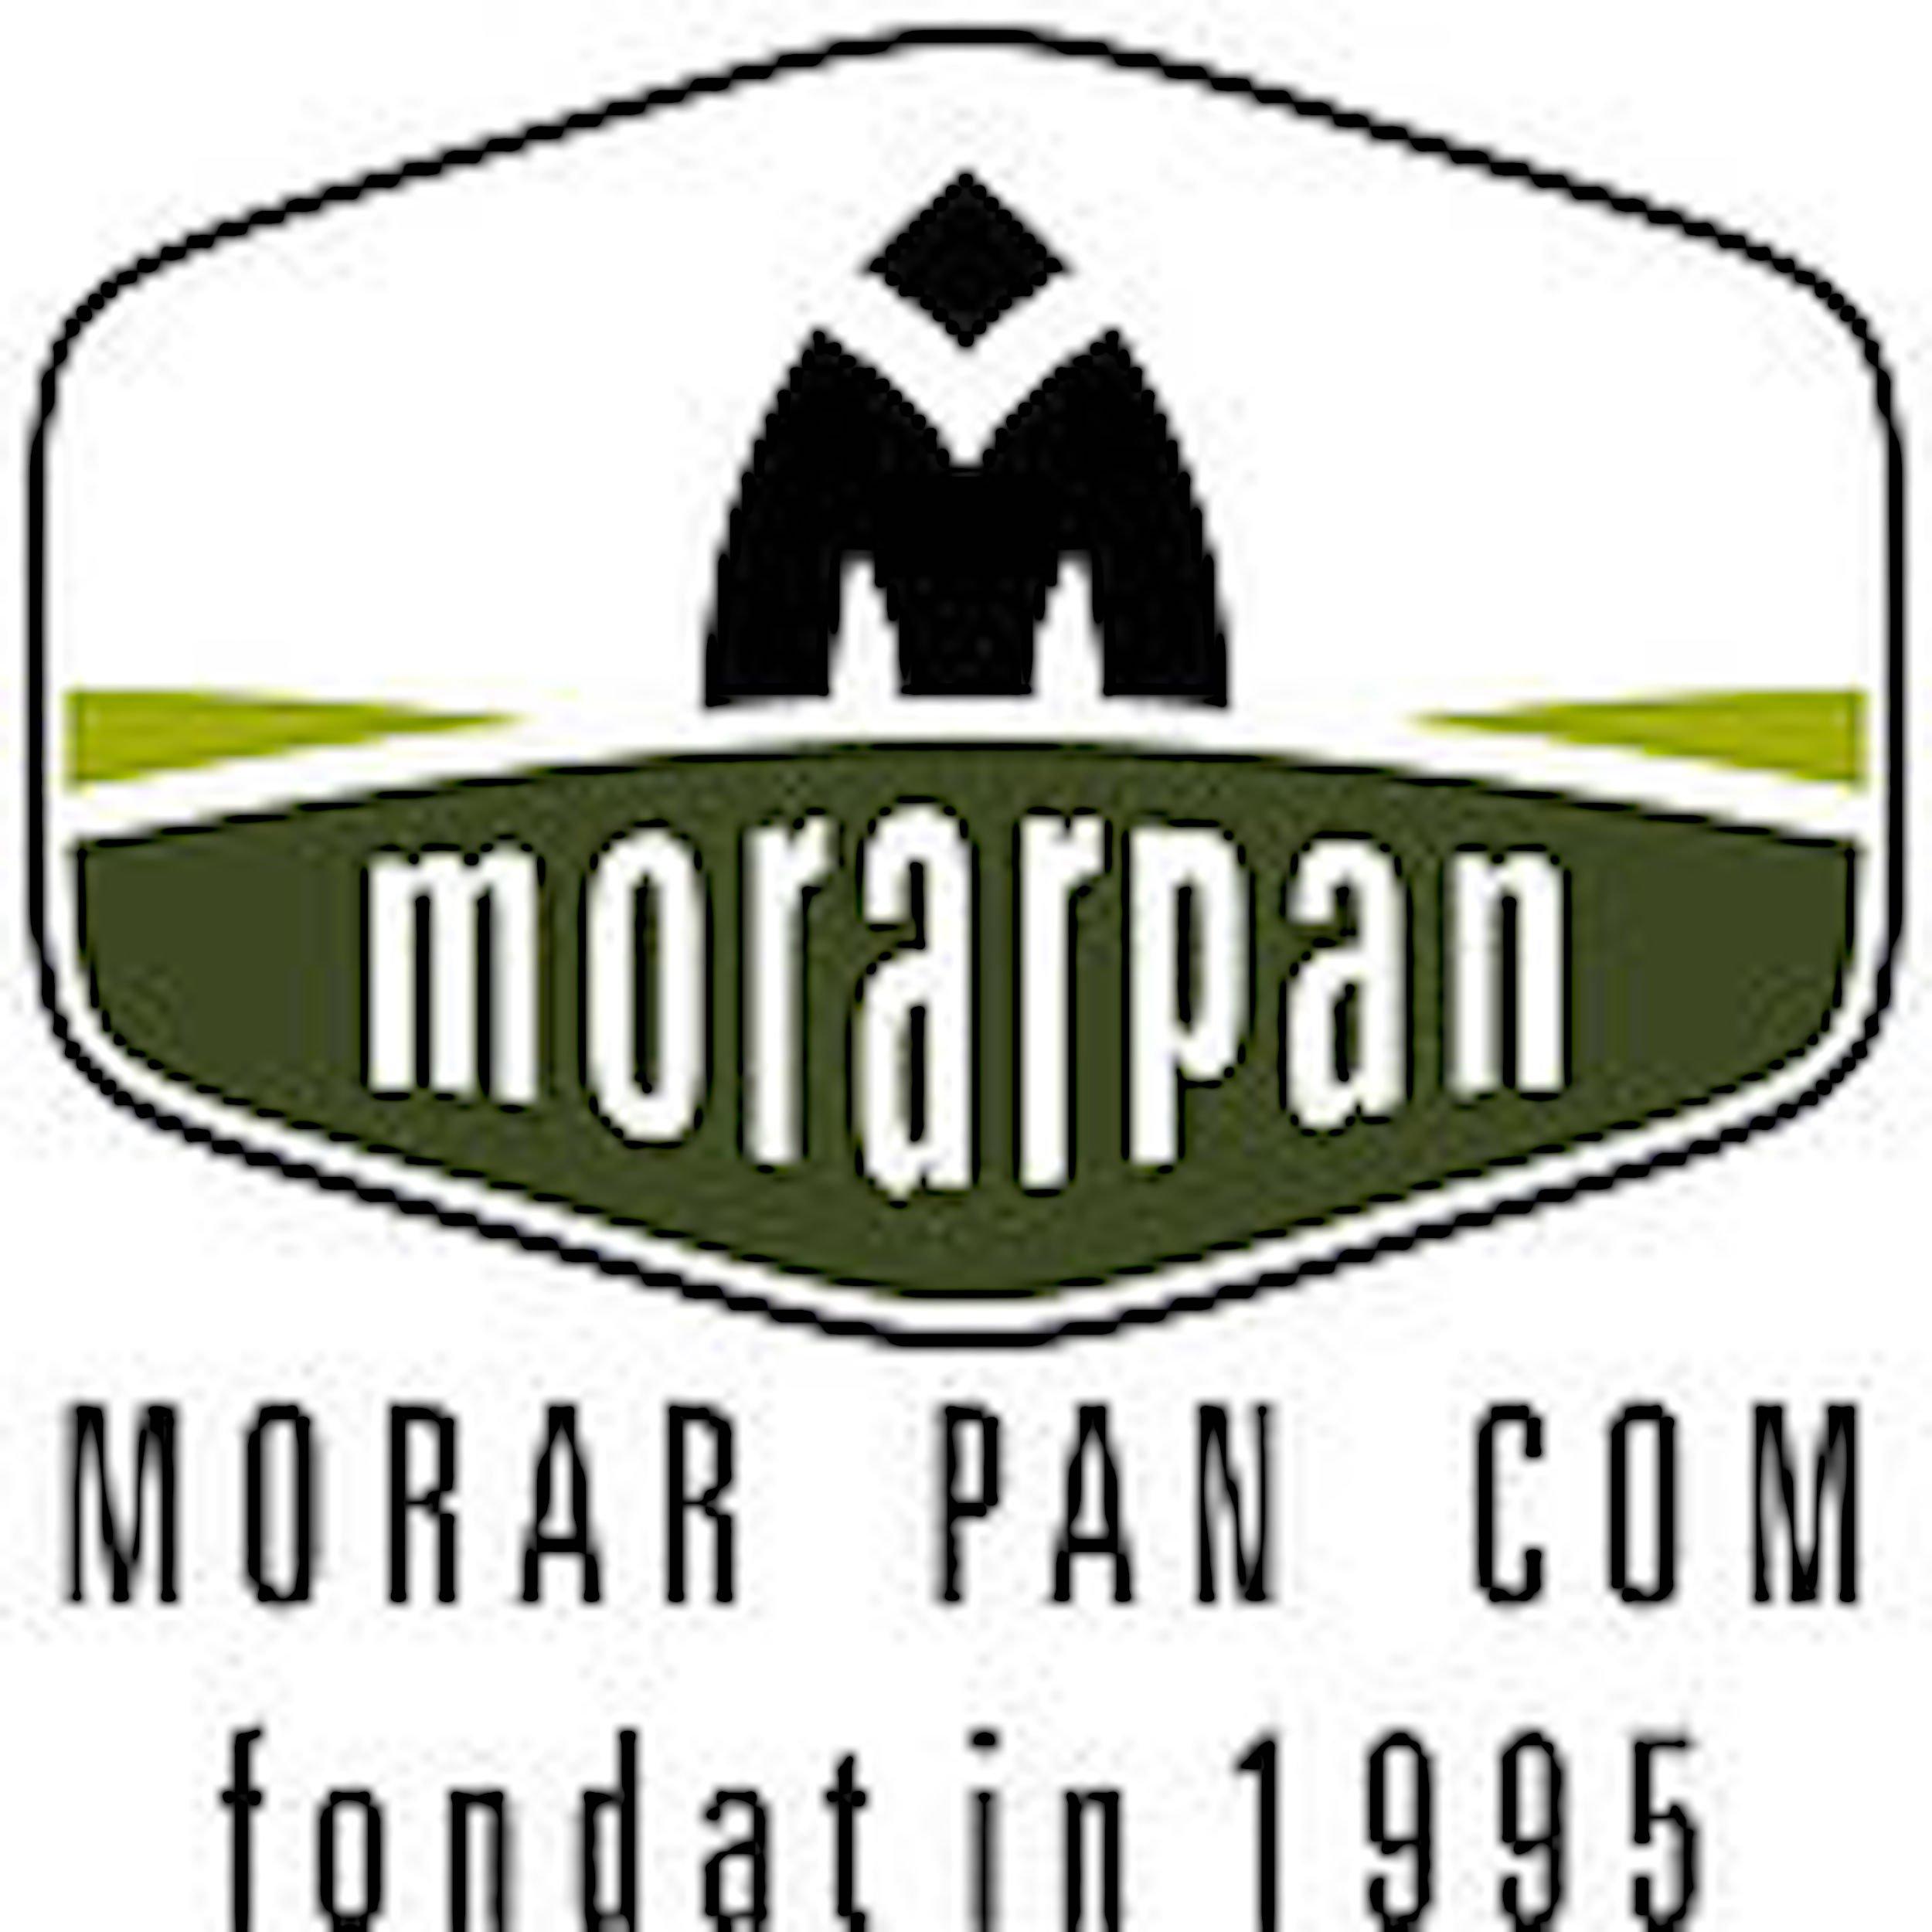 MORAR PAN COM